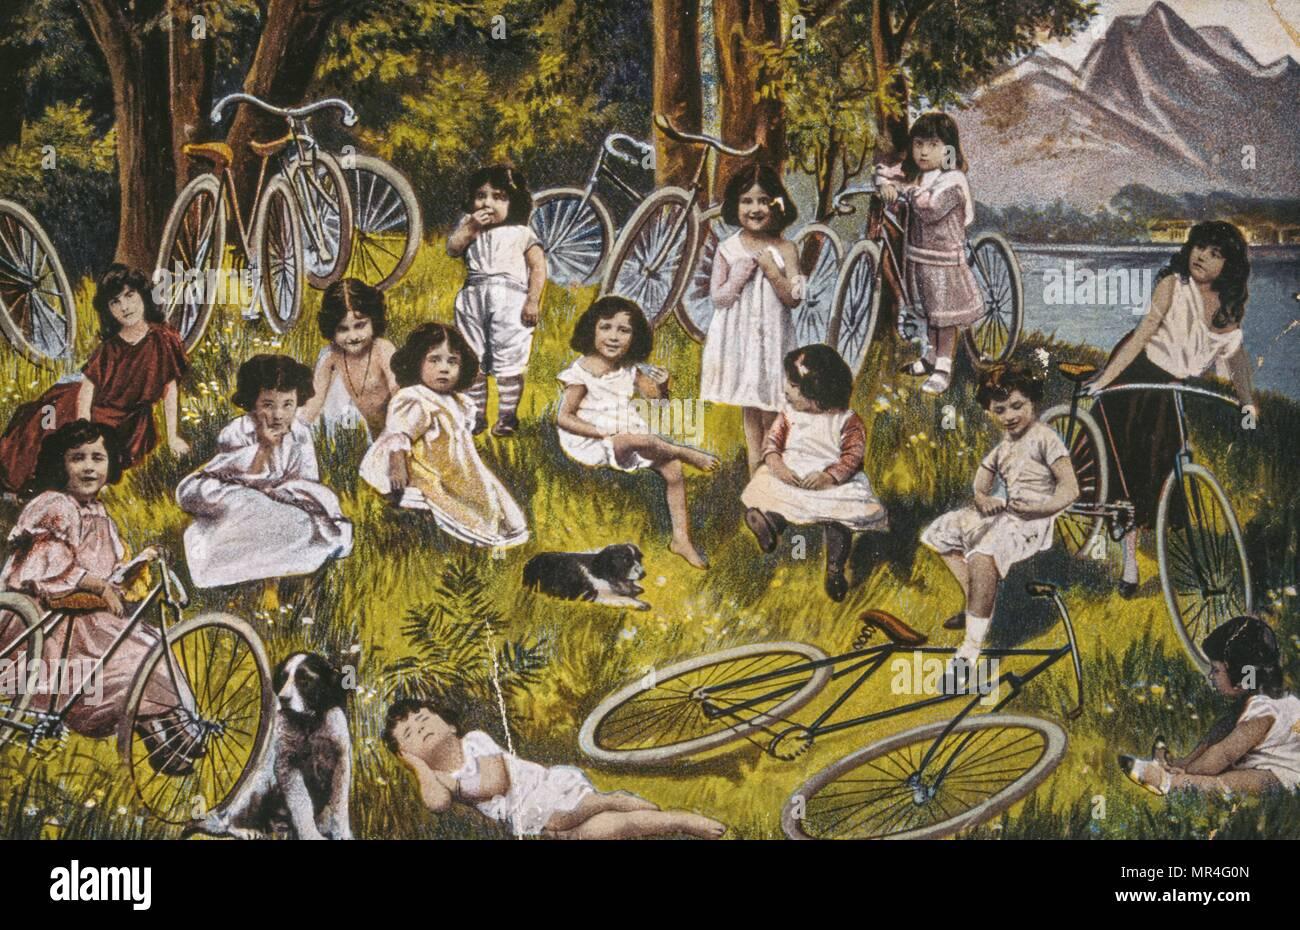 Carte postale française montrant des jeunes filles à la campagne avec leurs bicyclettes 1900 Photo Stock